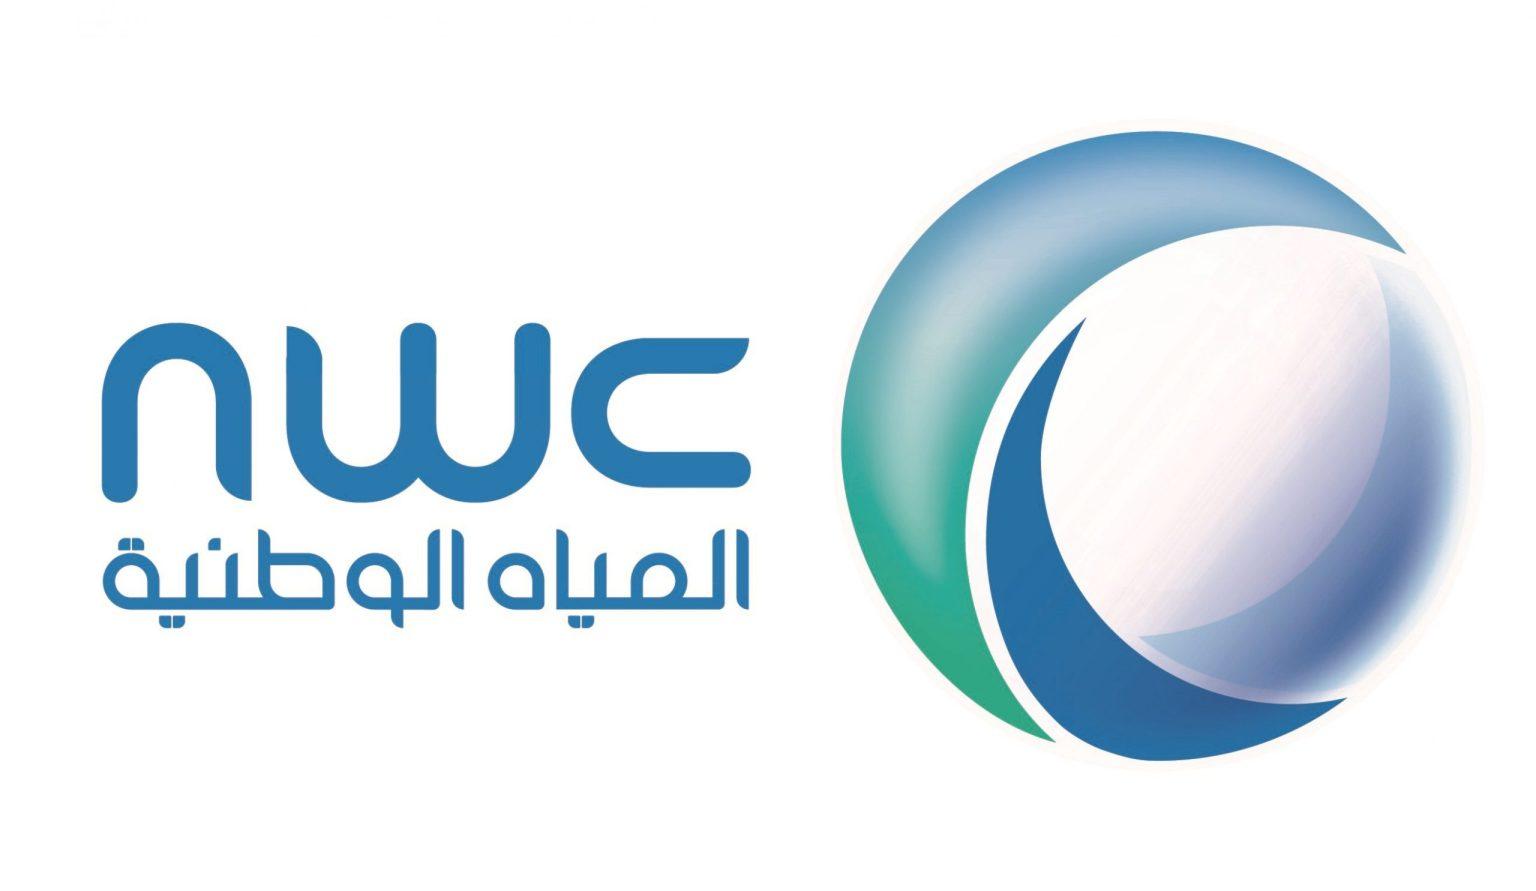 شركة المياه الوطنية2 scaled 1 - الاعلان عن وظائف شاغرة لدى شركة المياه الوطنية